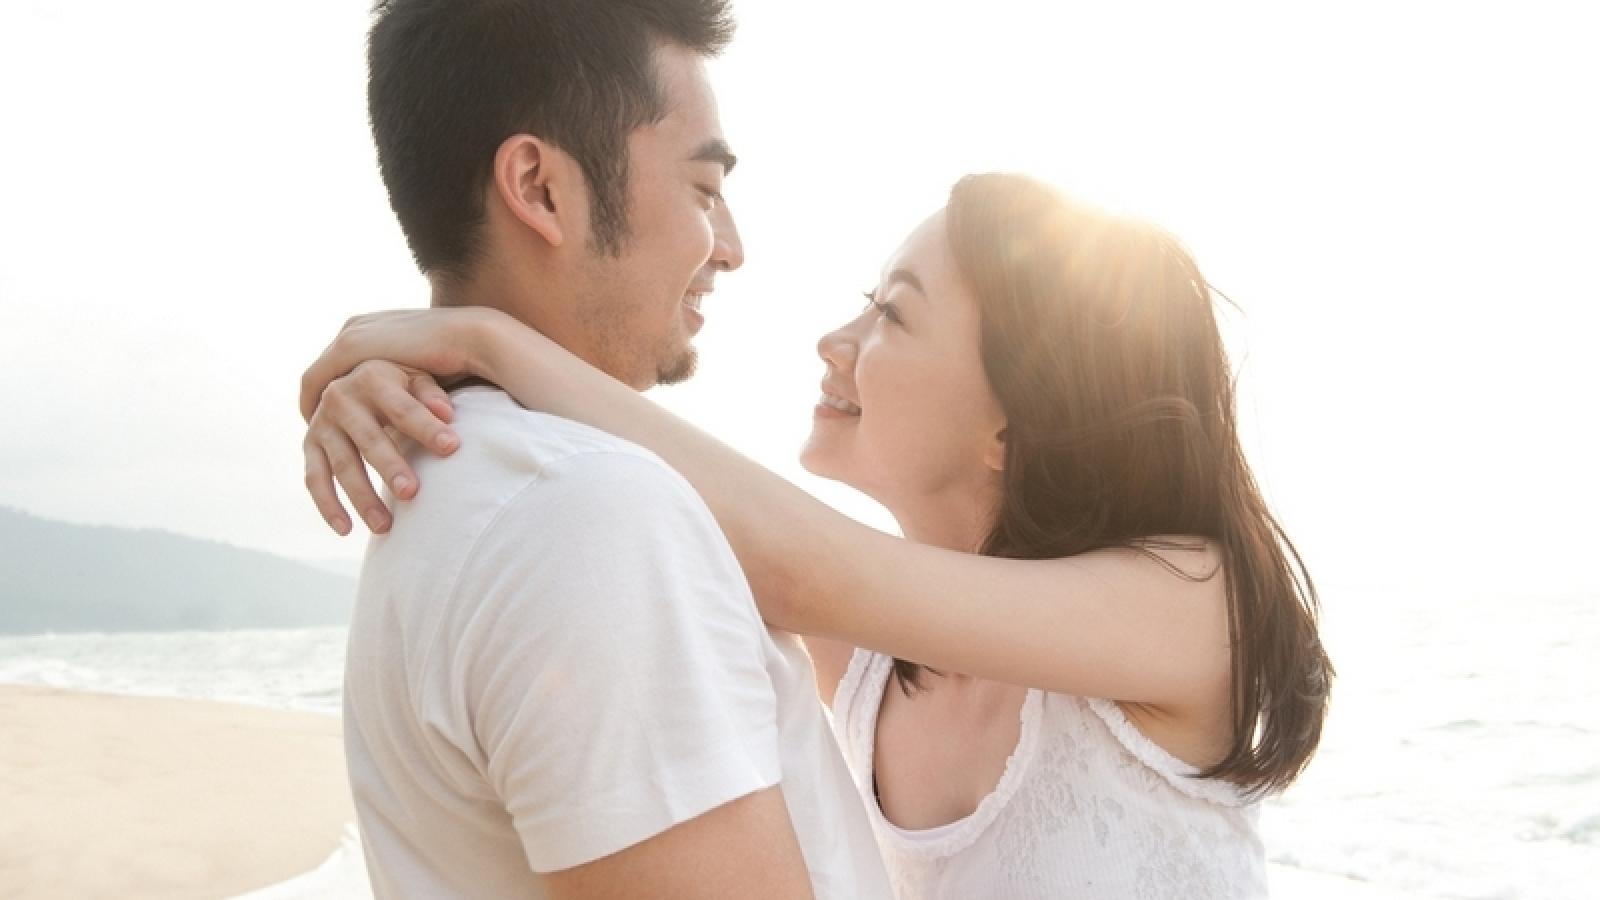 Đừng bao giờ thốt ra 3 lời này nếu muốn chồng luôn yêu thương vợ